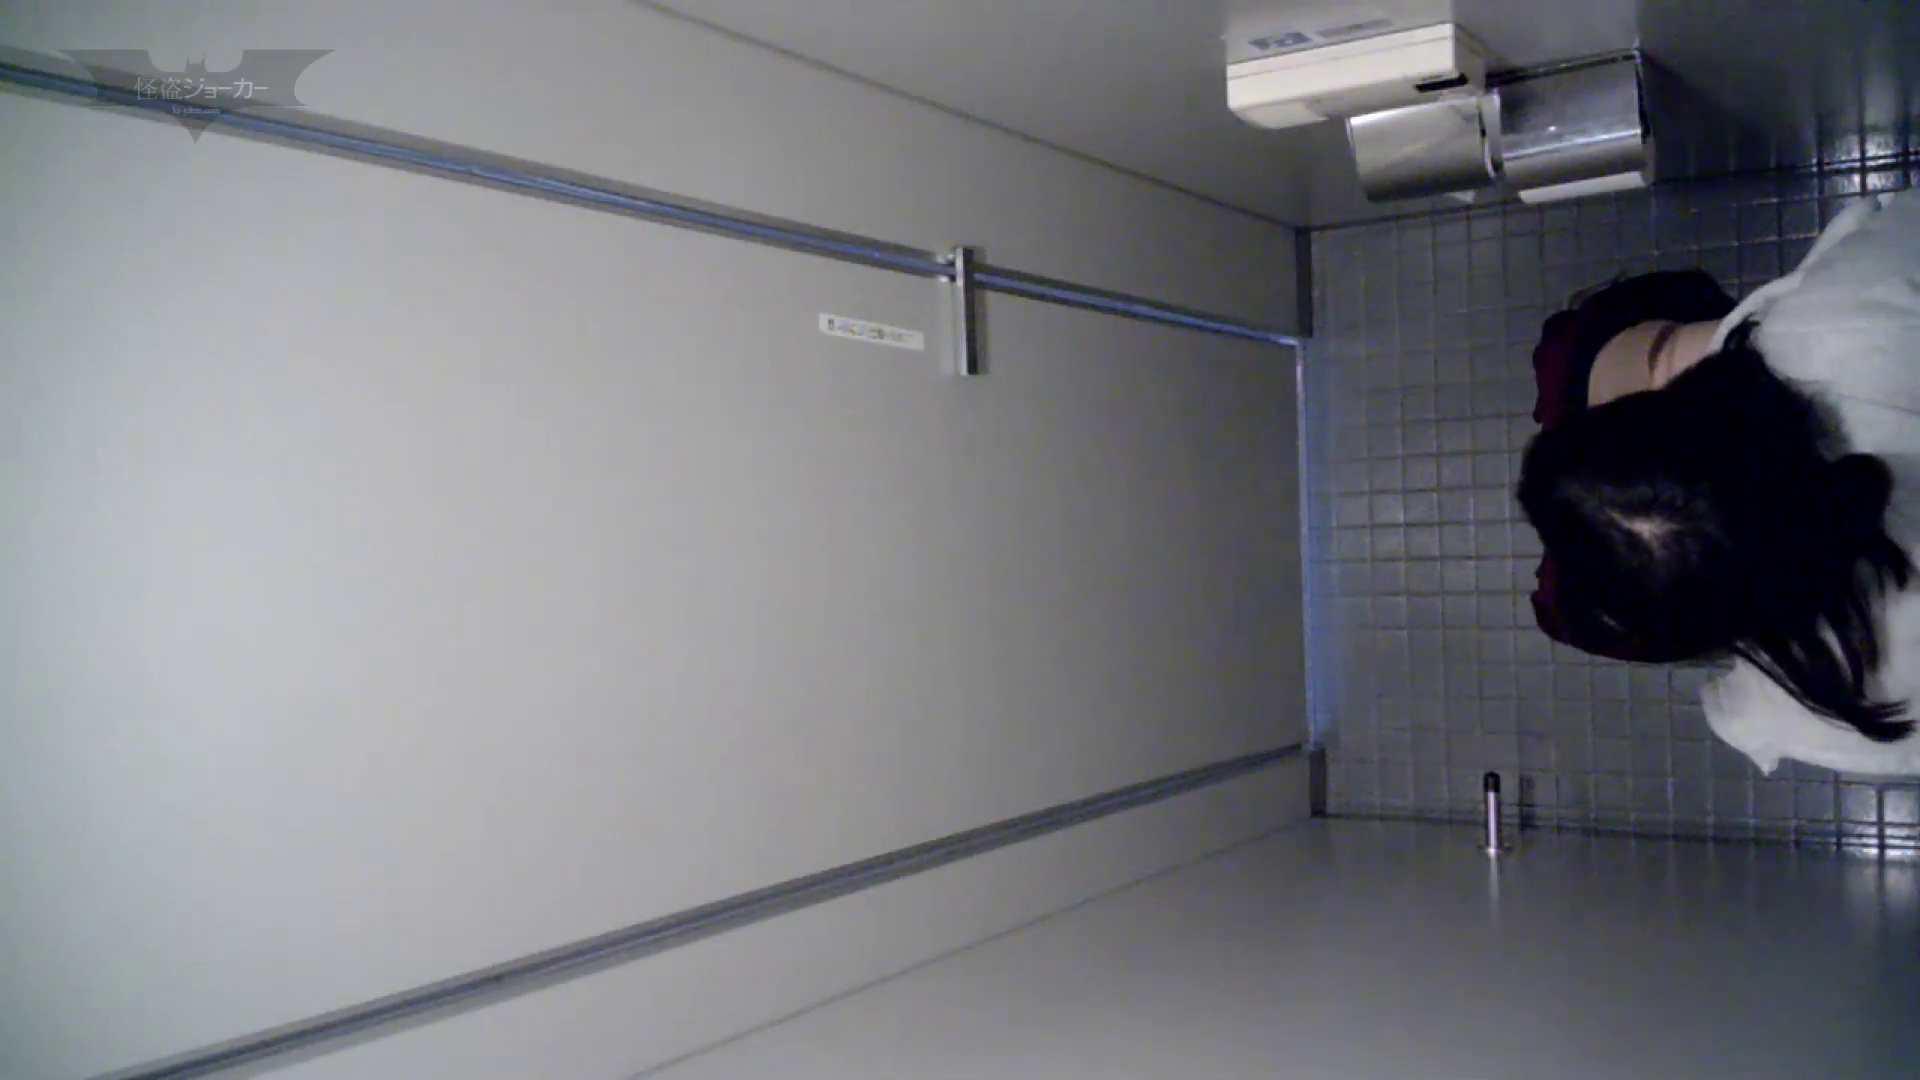 おまんこ:有名大学女性洗面所 vol.55 シャワー付きトイレならぬカメラ付きトイレです。:怪盗ジョーカー